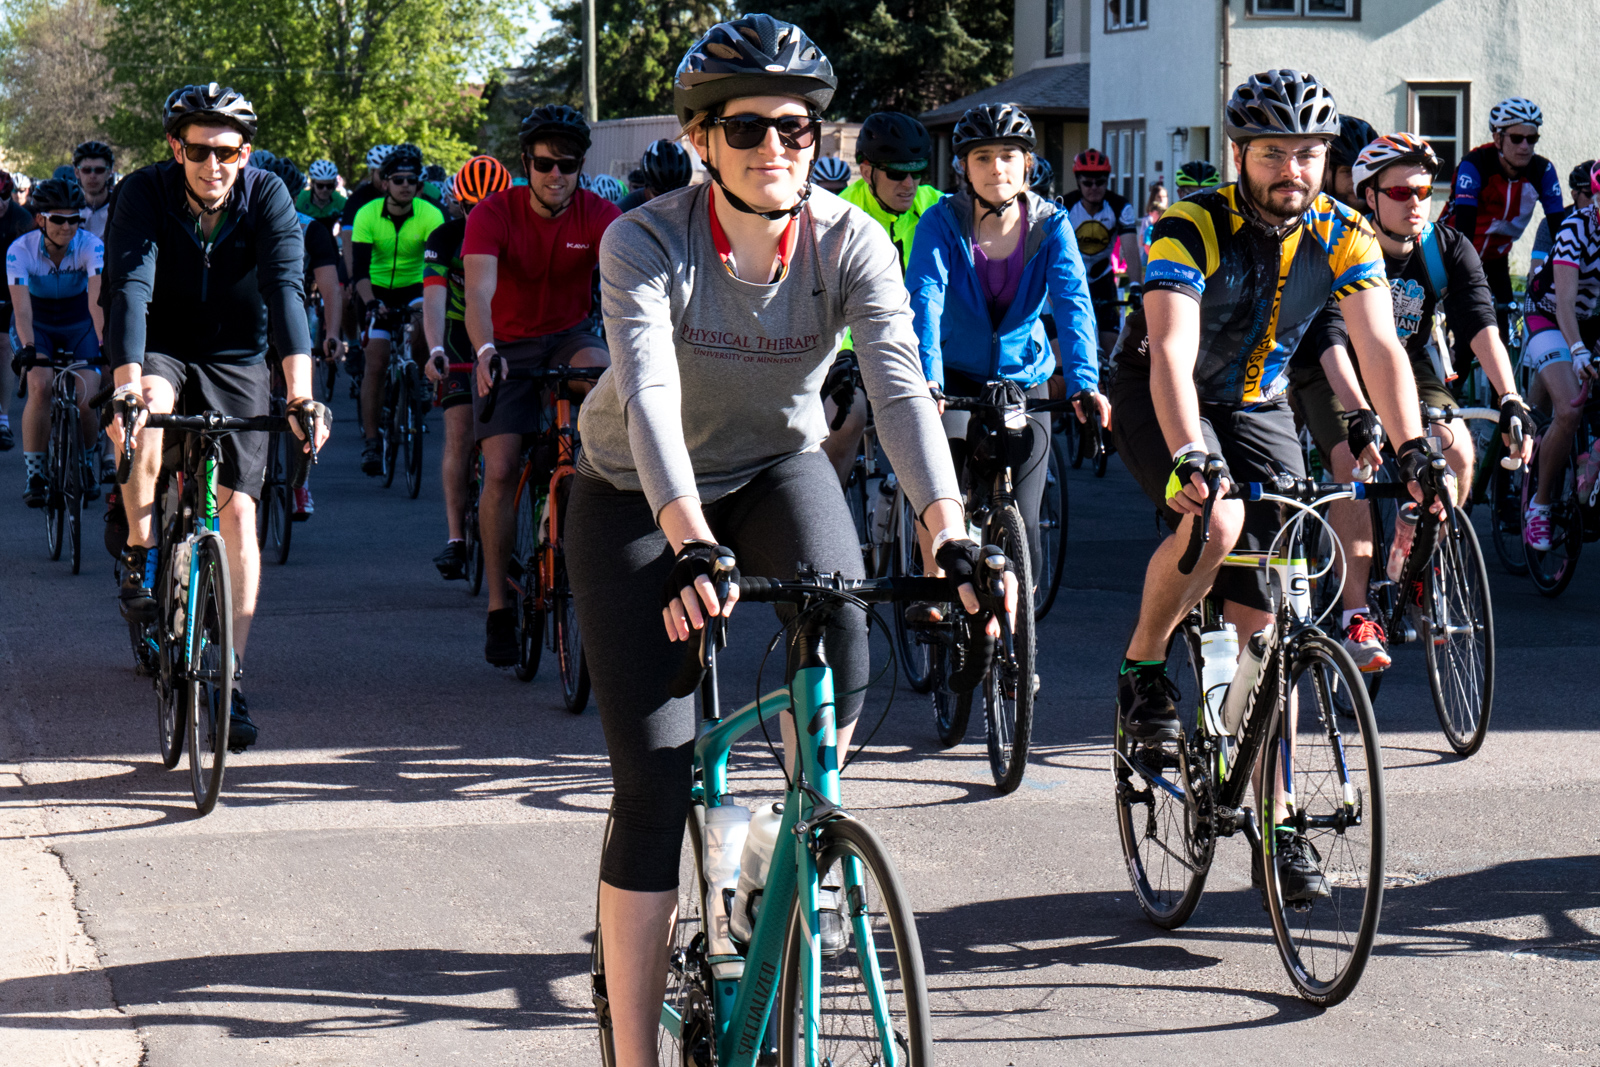 RidePage_Carousel_photos-10.jpg